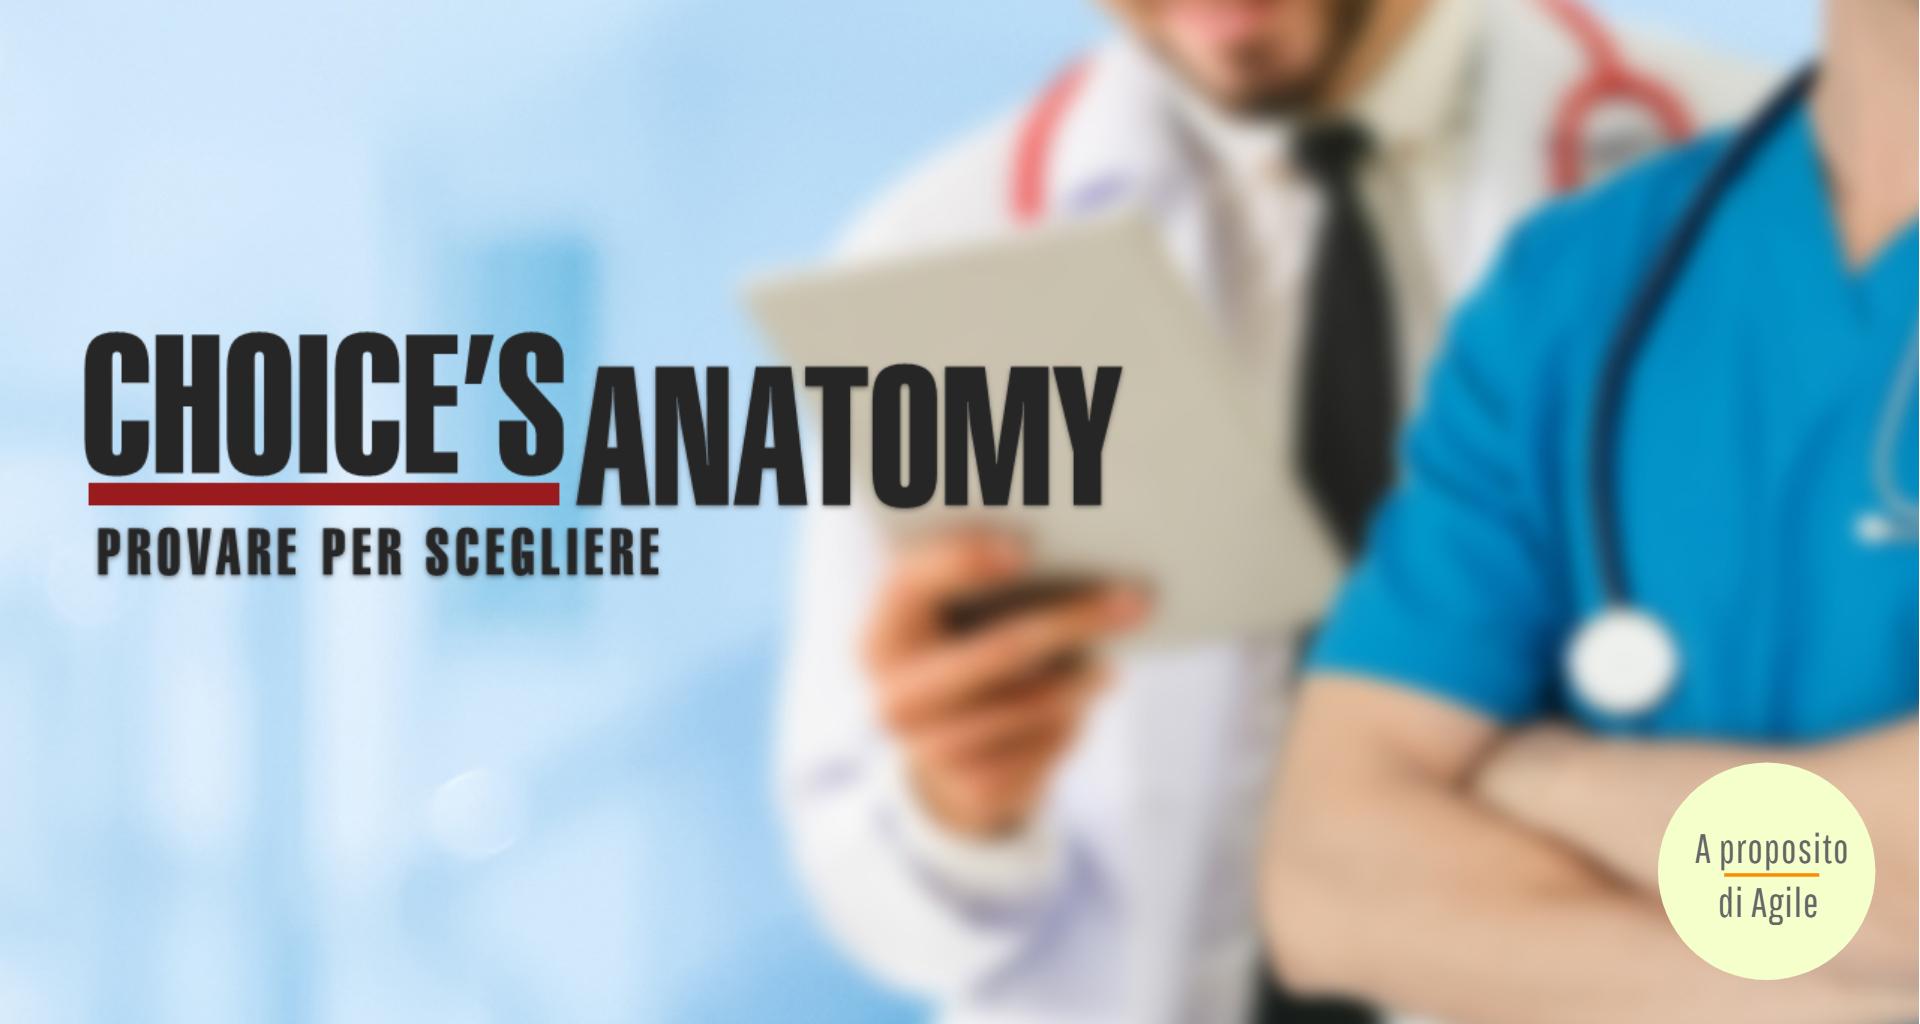 Webinar 4 Choice's Anatomy - provare per scegliere